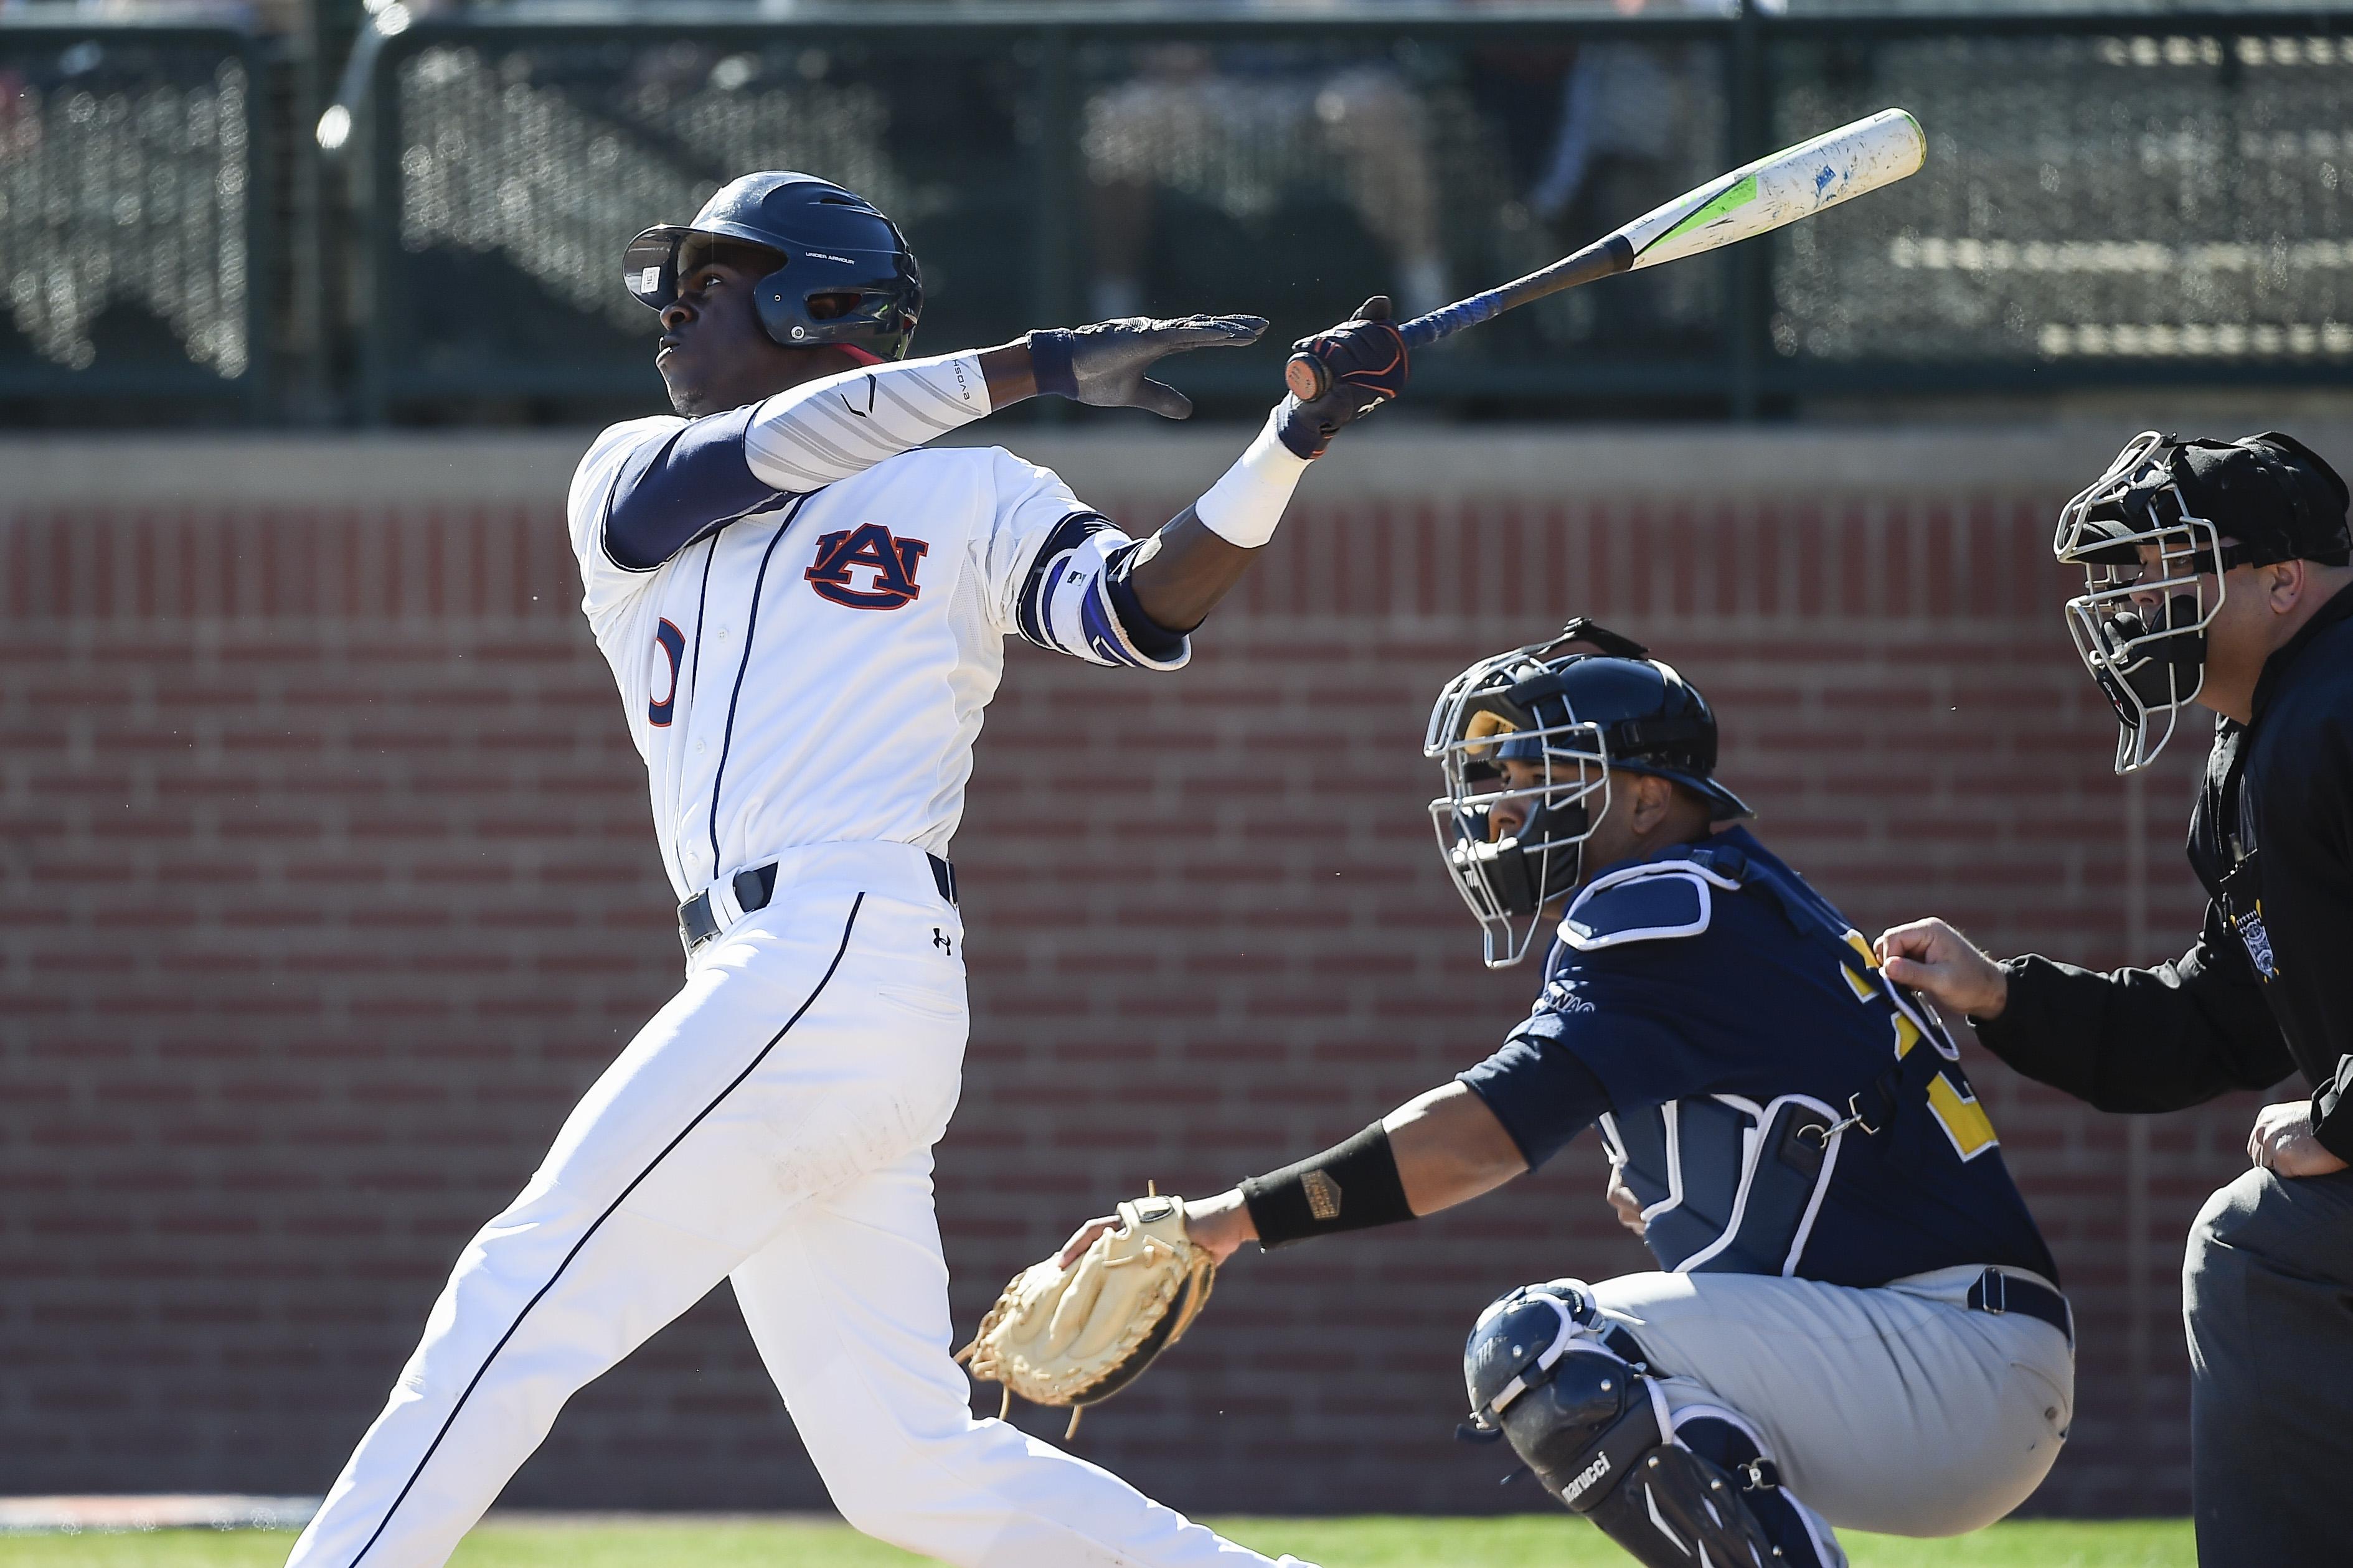 Auburn Doubledays Baseball